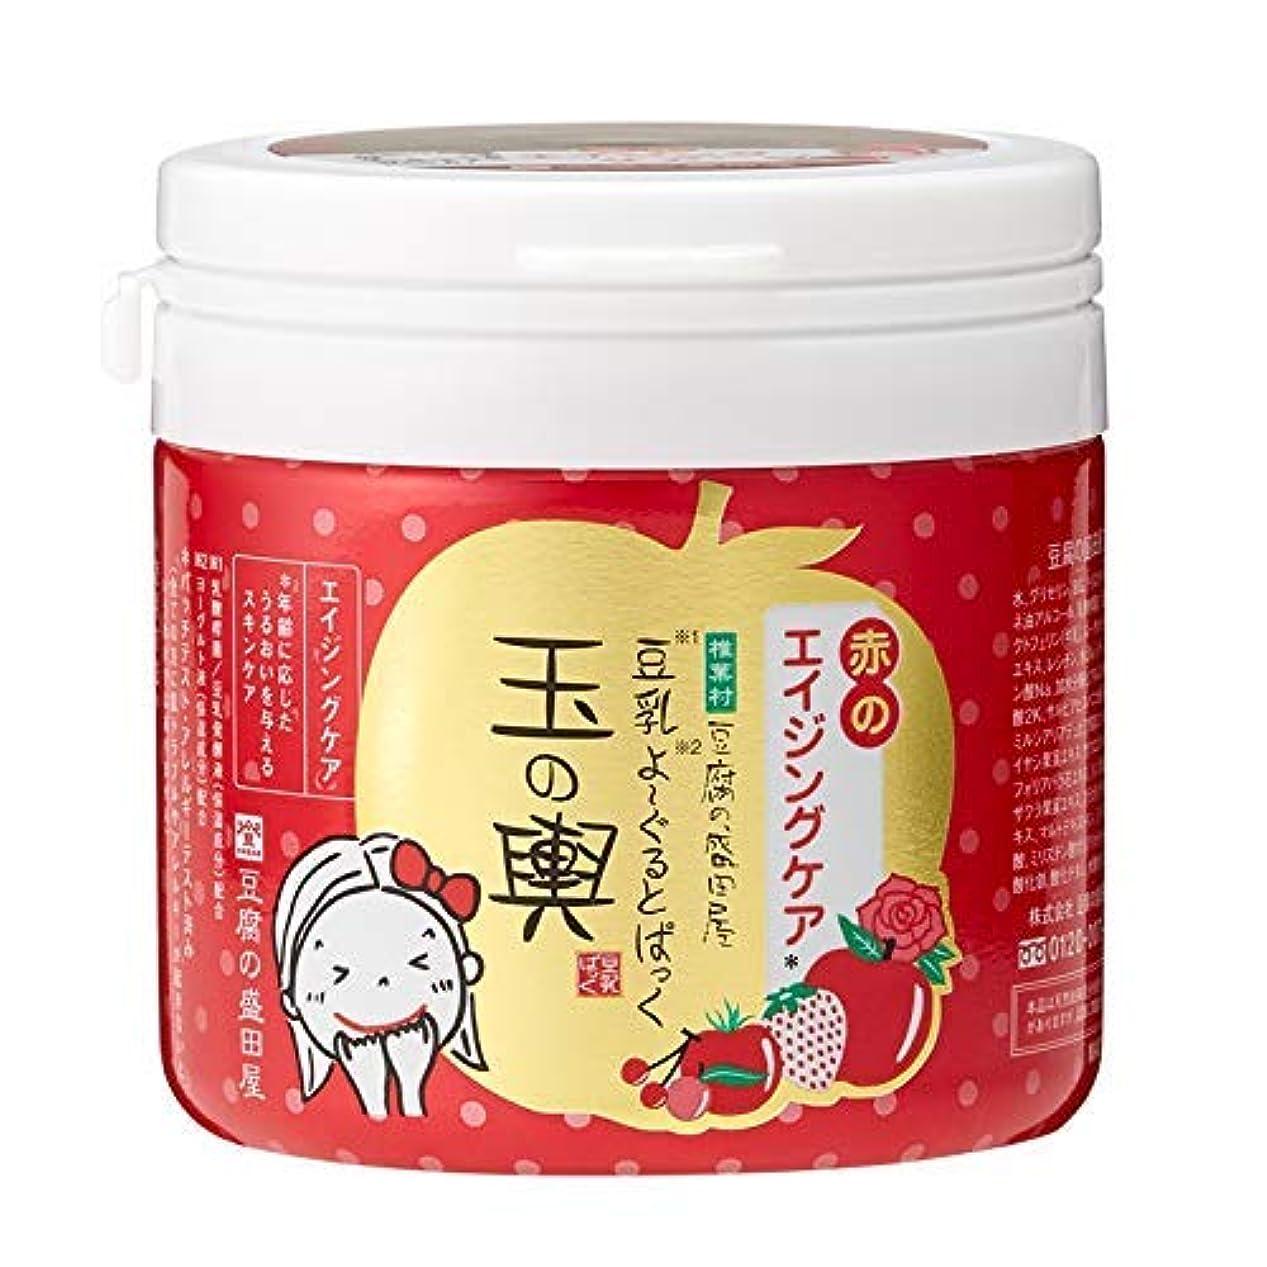 ビルダー再撮り拒絶する豆腐の盛田屋 豆乳よーぐるとぱっく 玉の輿 赤のエイジングケア 150g